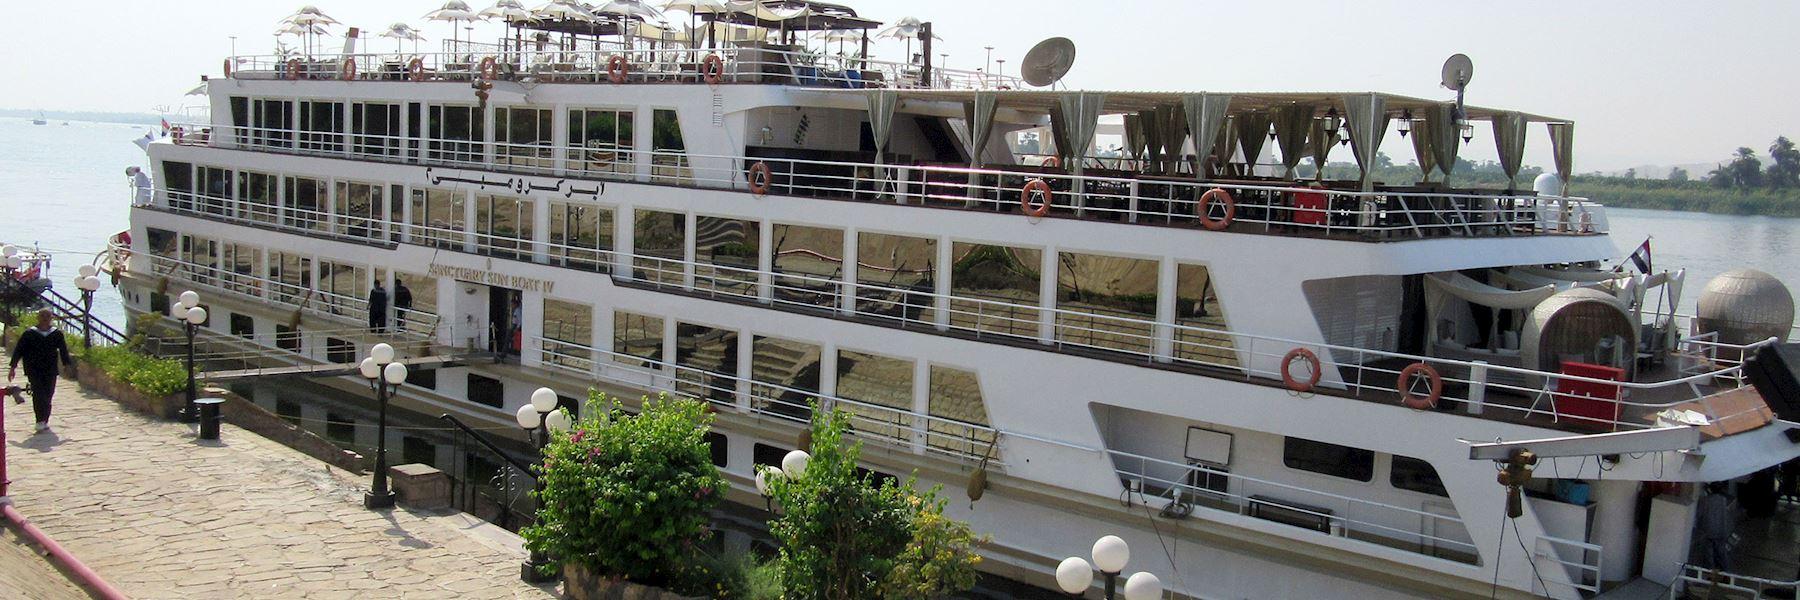 Cruise Ships in Egypt: M/S Sun Boat IV